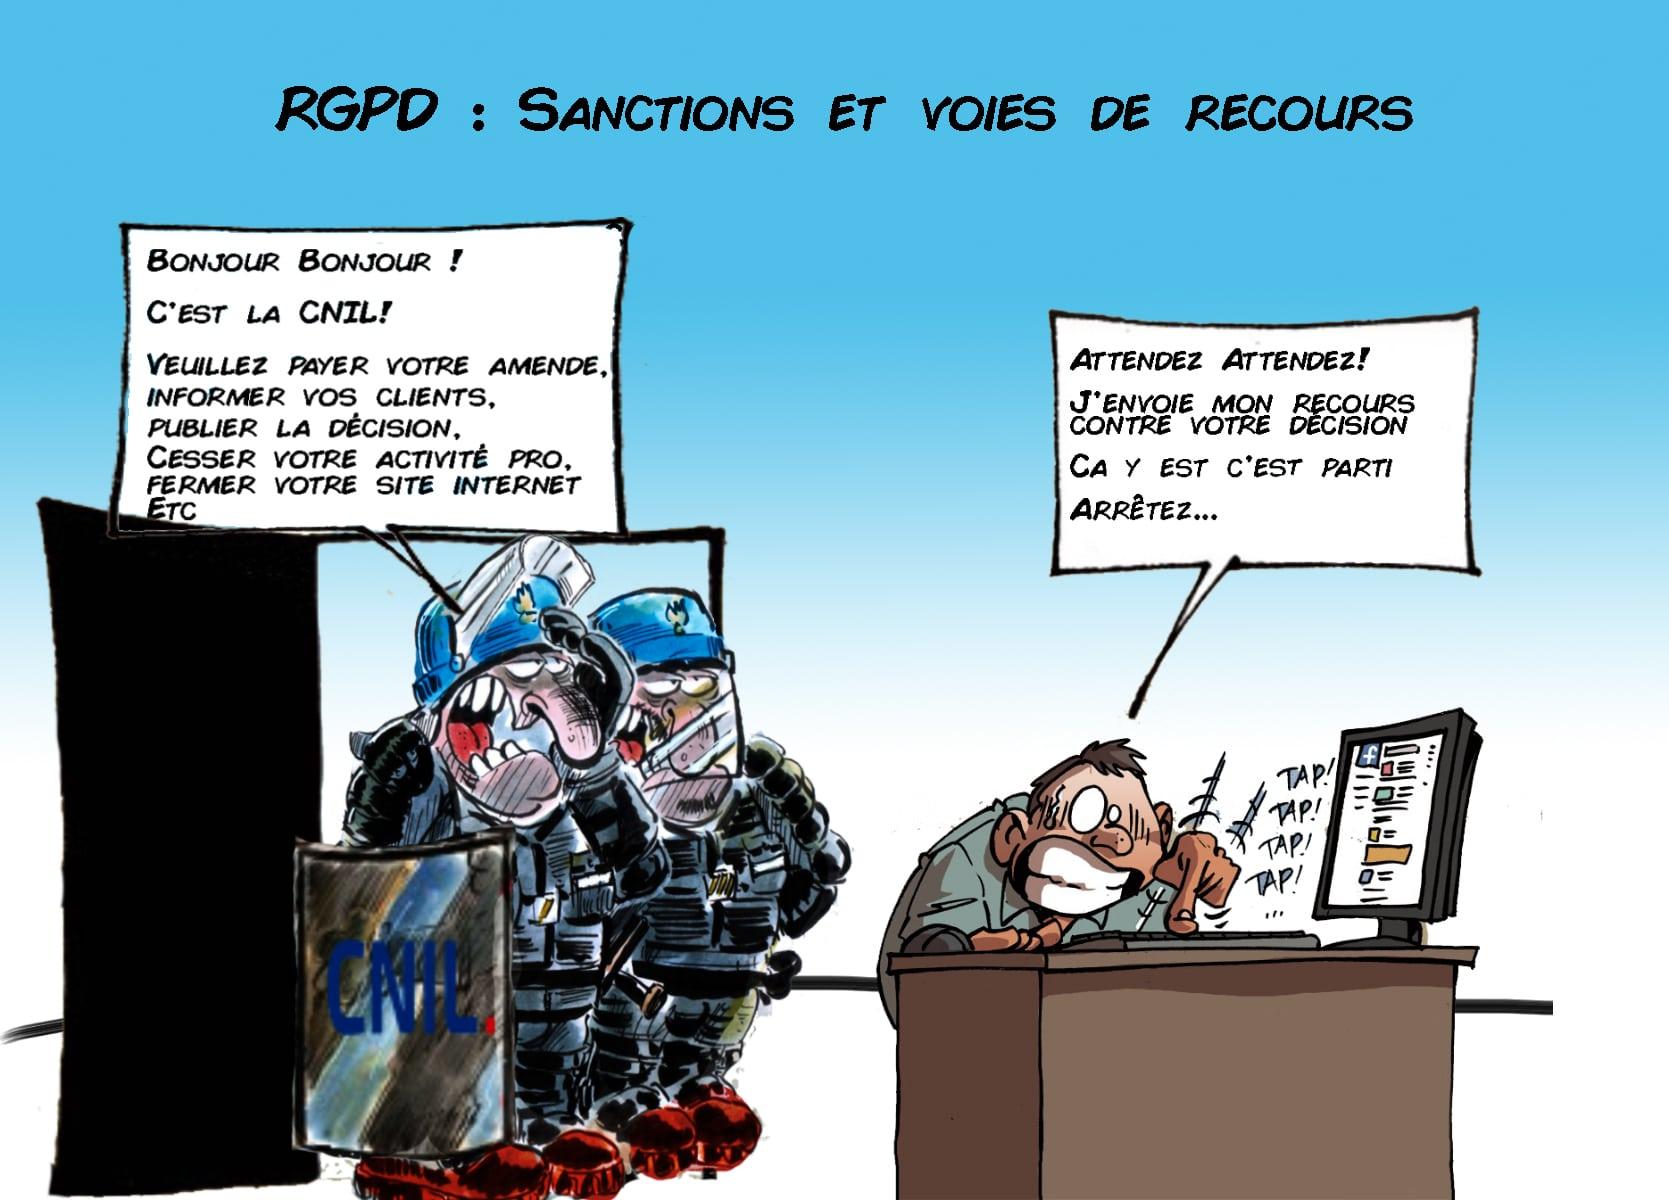 RGPD - Protection des données personnelles - Sanctions CNIL & voies de recours